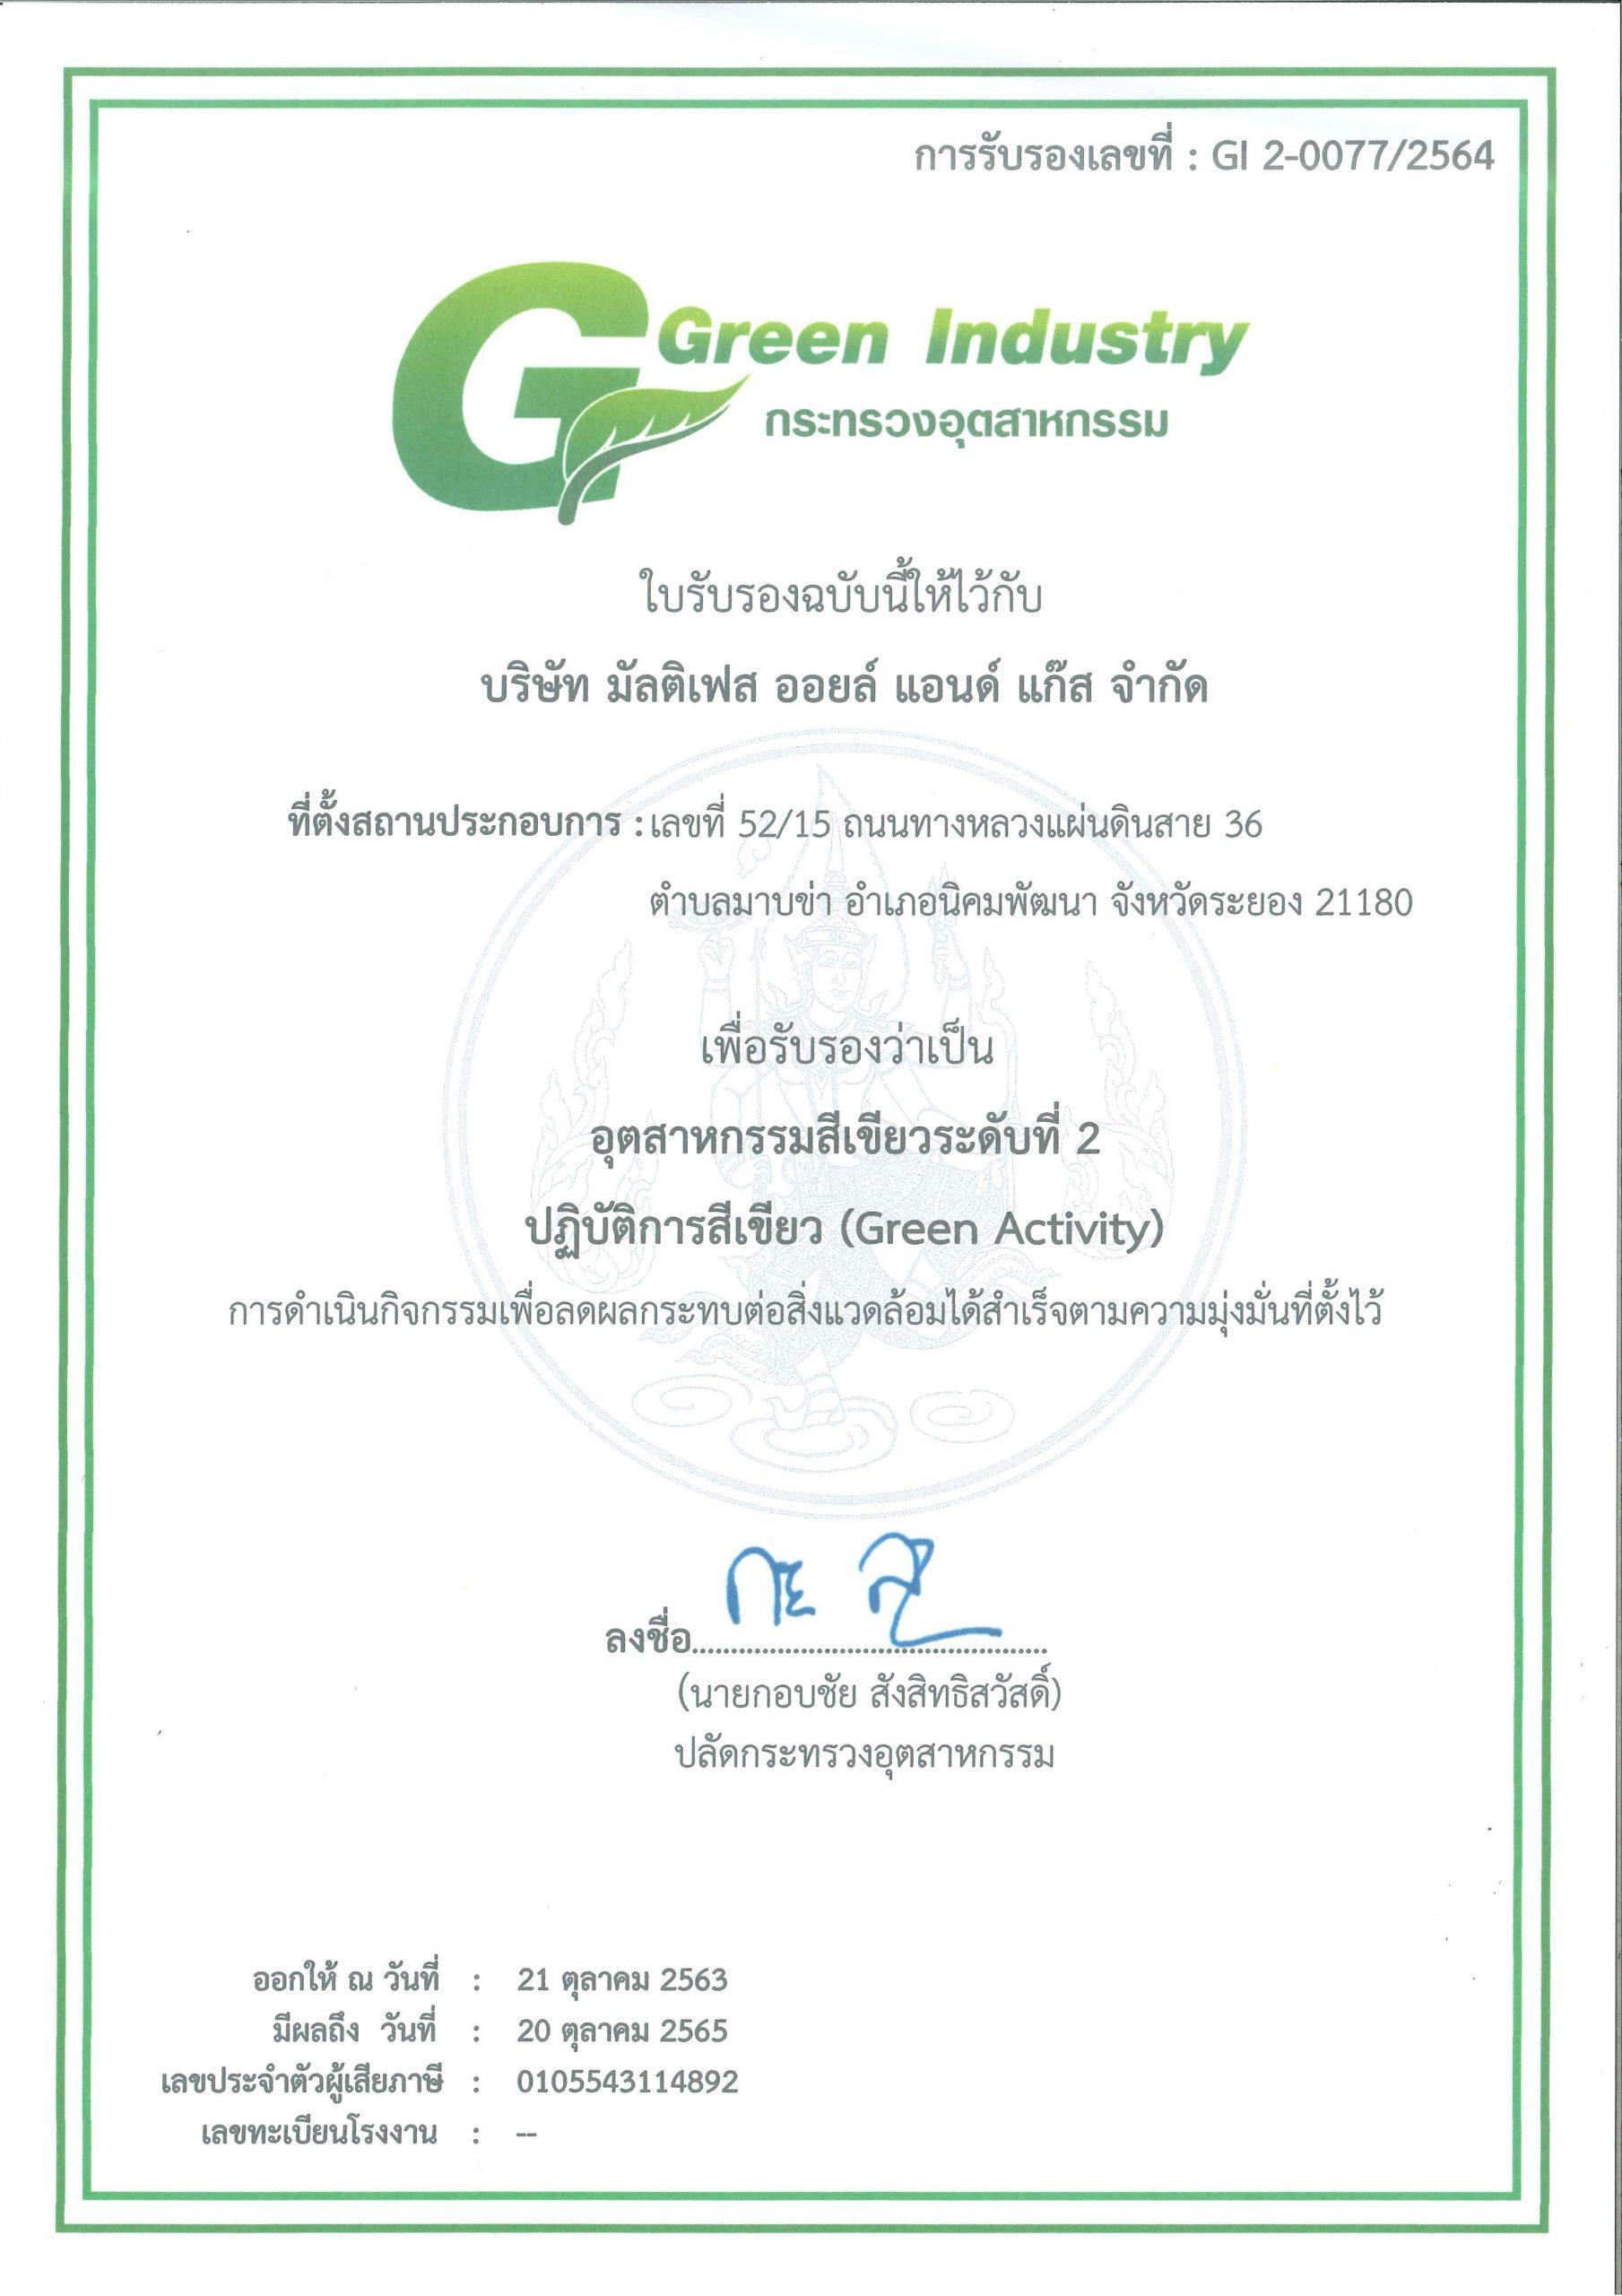 ใบรับรองอุตสาหกรรมสีเขียว-Green-Industry certificate